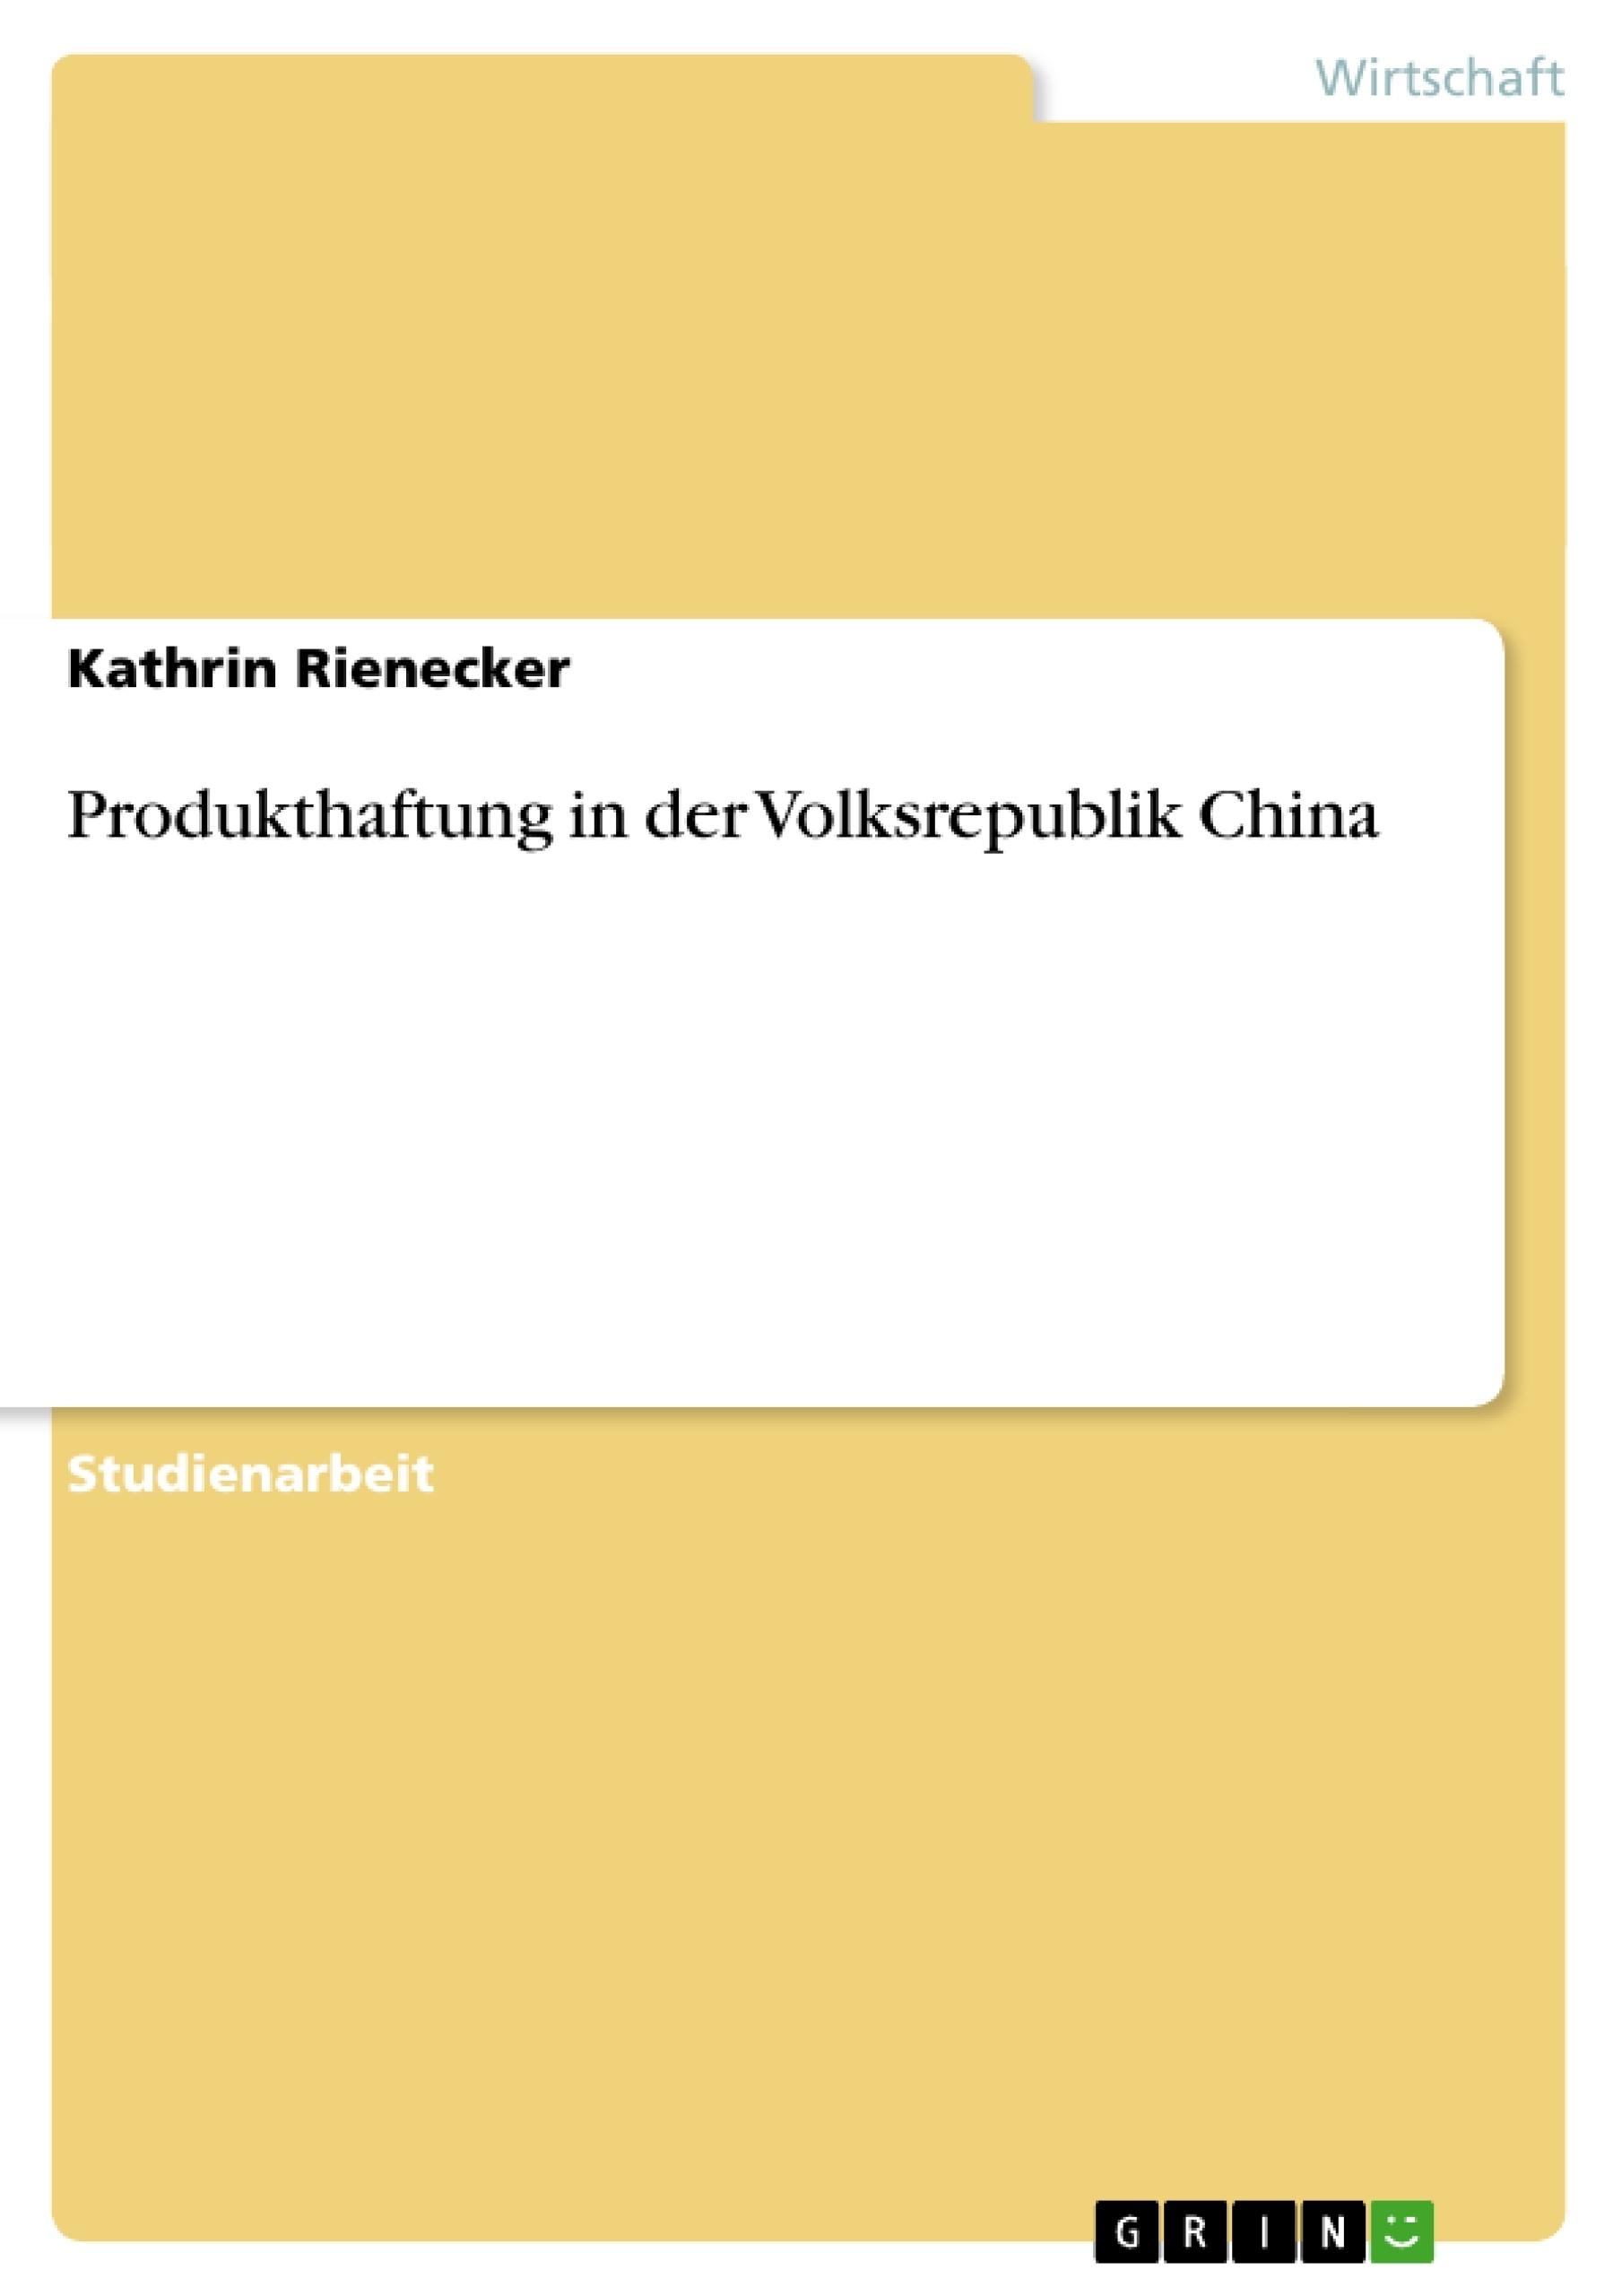 Titel: Produkthaftung in der Volksrepublik China